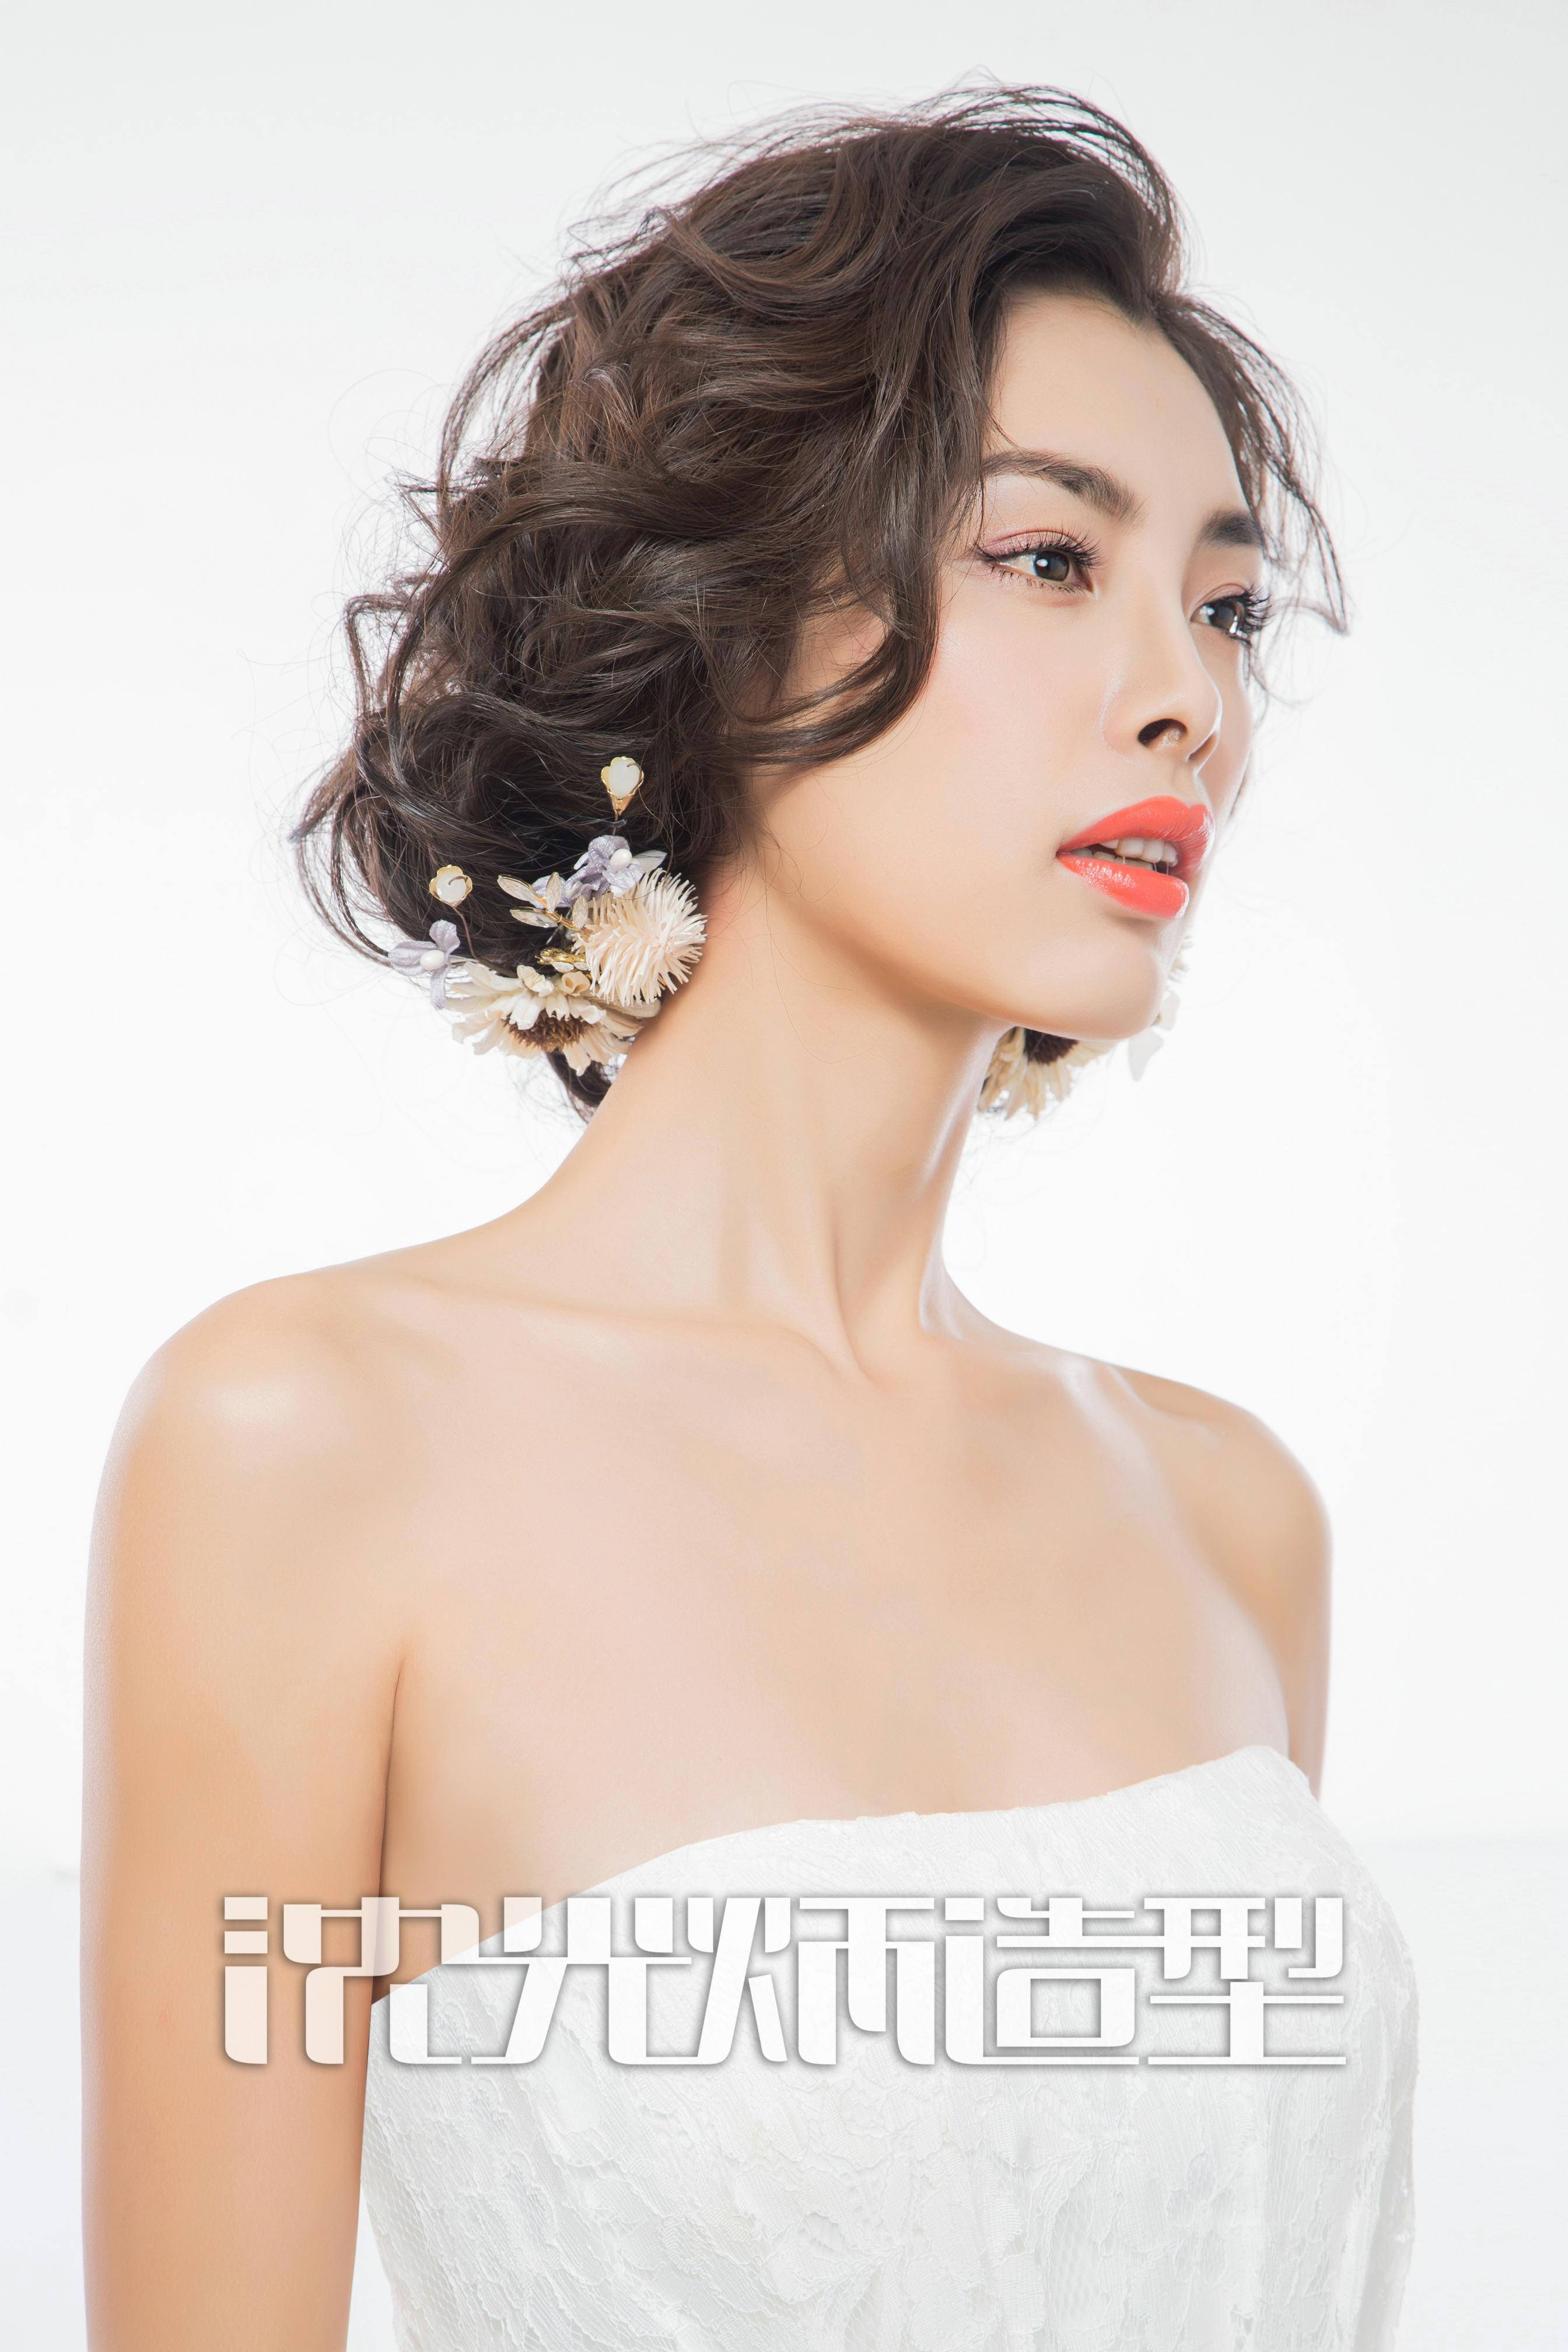 2017花漾女神系新娘编发造型丨沈光炳造型